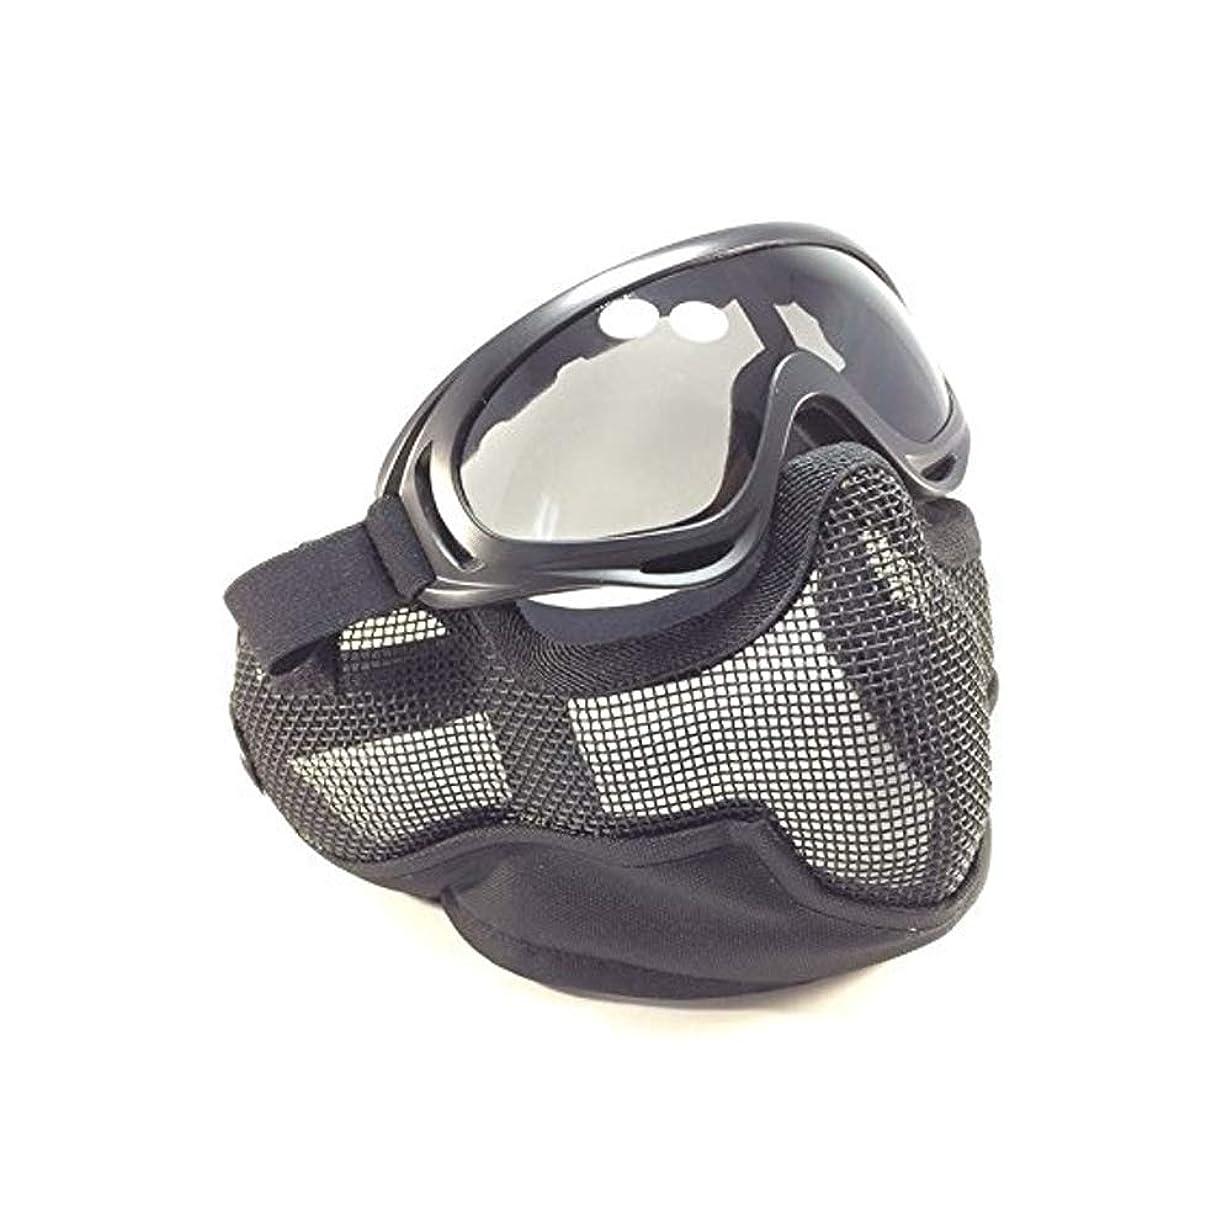 リスナーペグ繰り返しスチール 製 ハーフ メッシュ マスク ゴーグル セット ゲーム 迷彩 フェイスマスク ブラック 2個セット